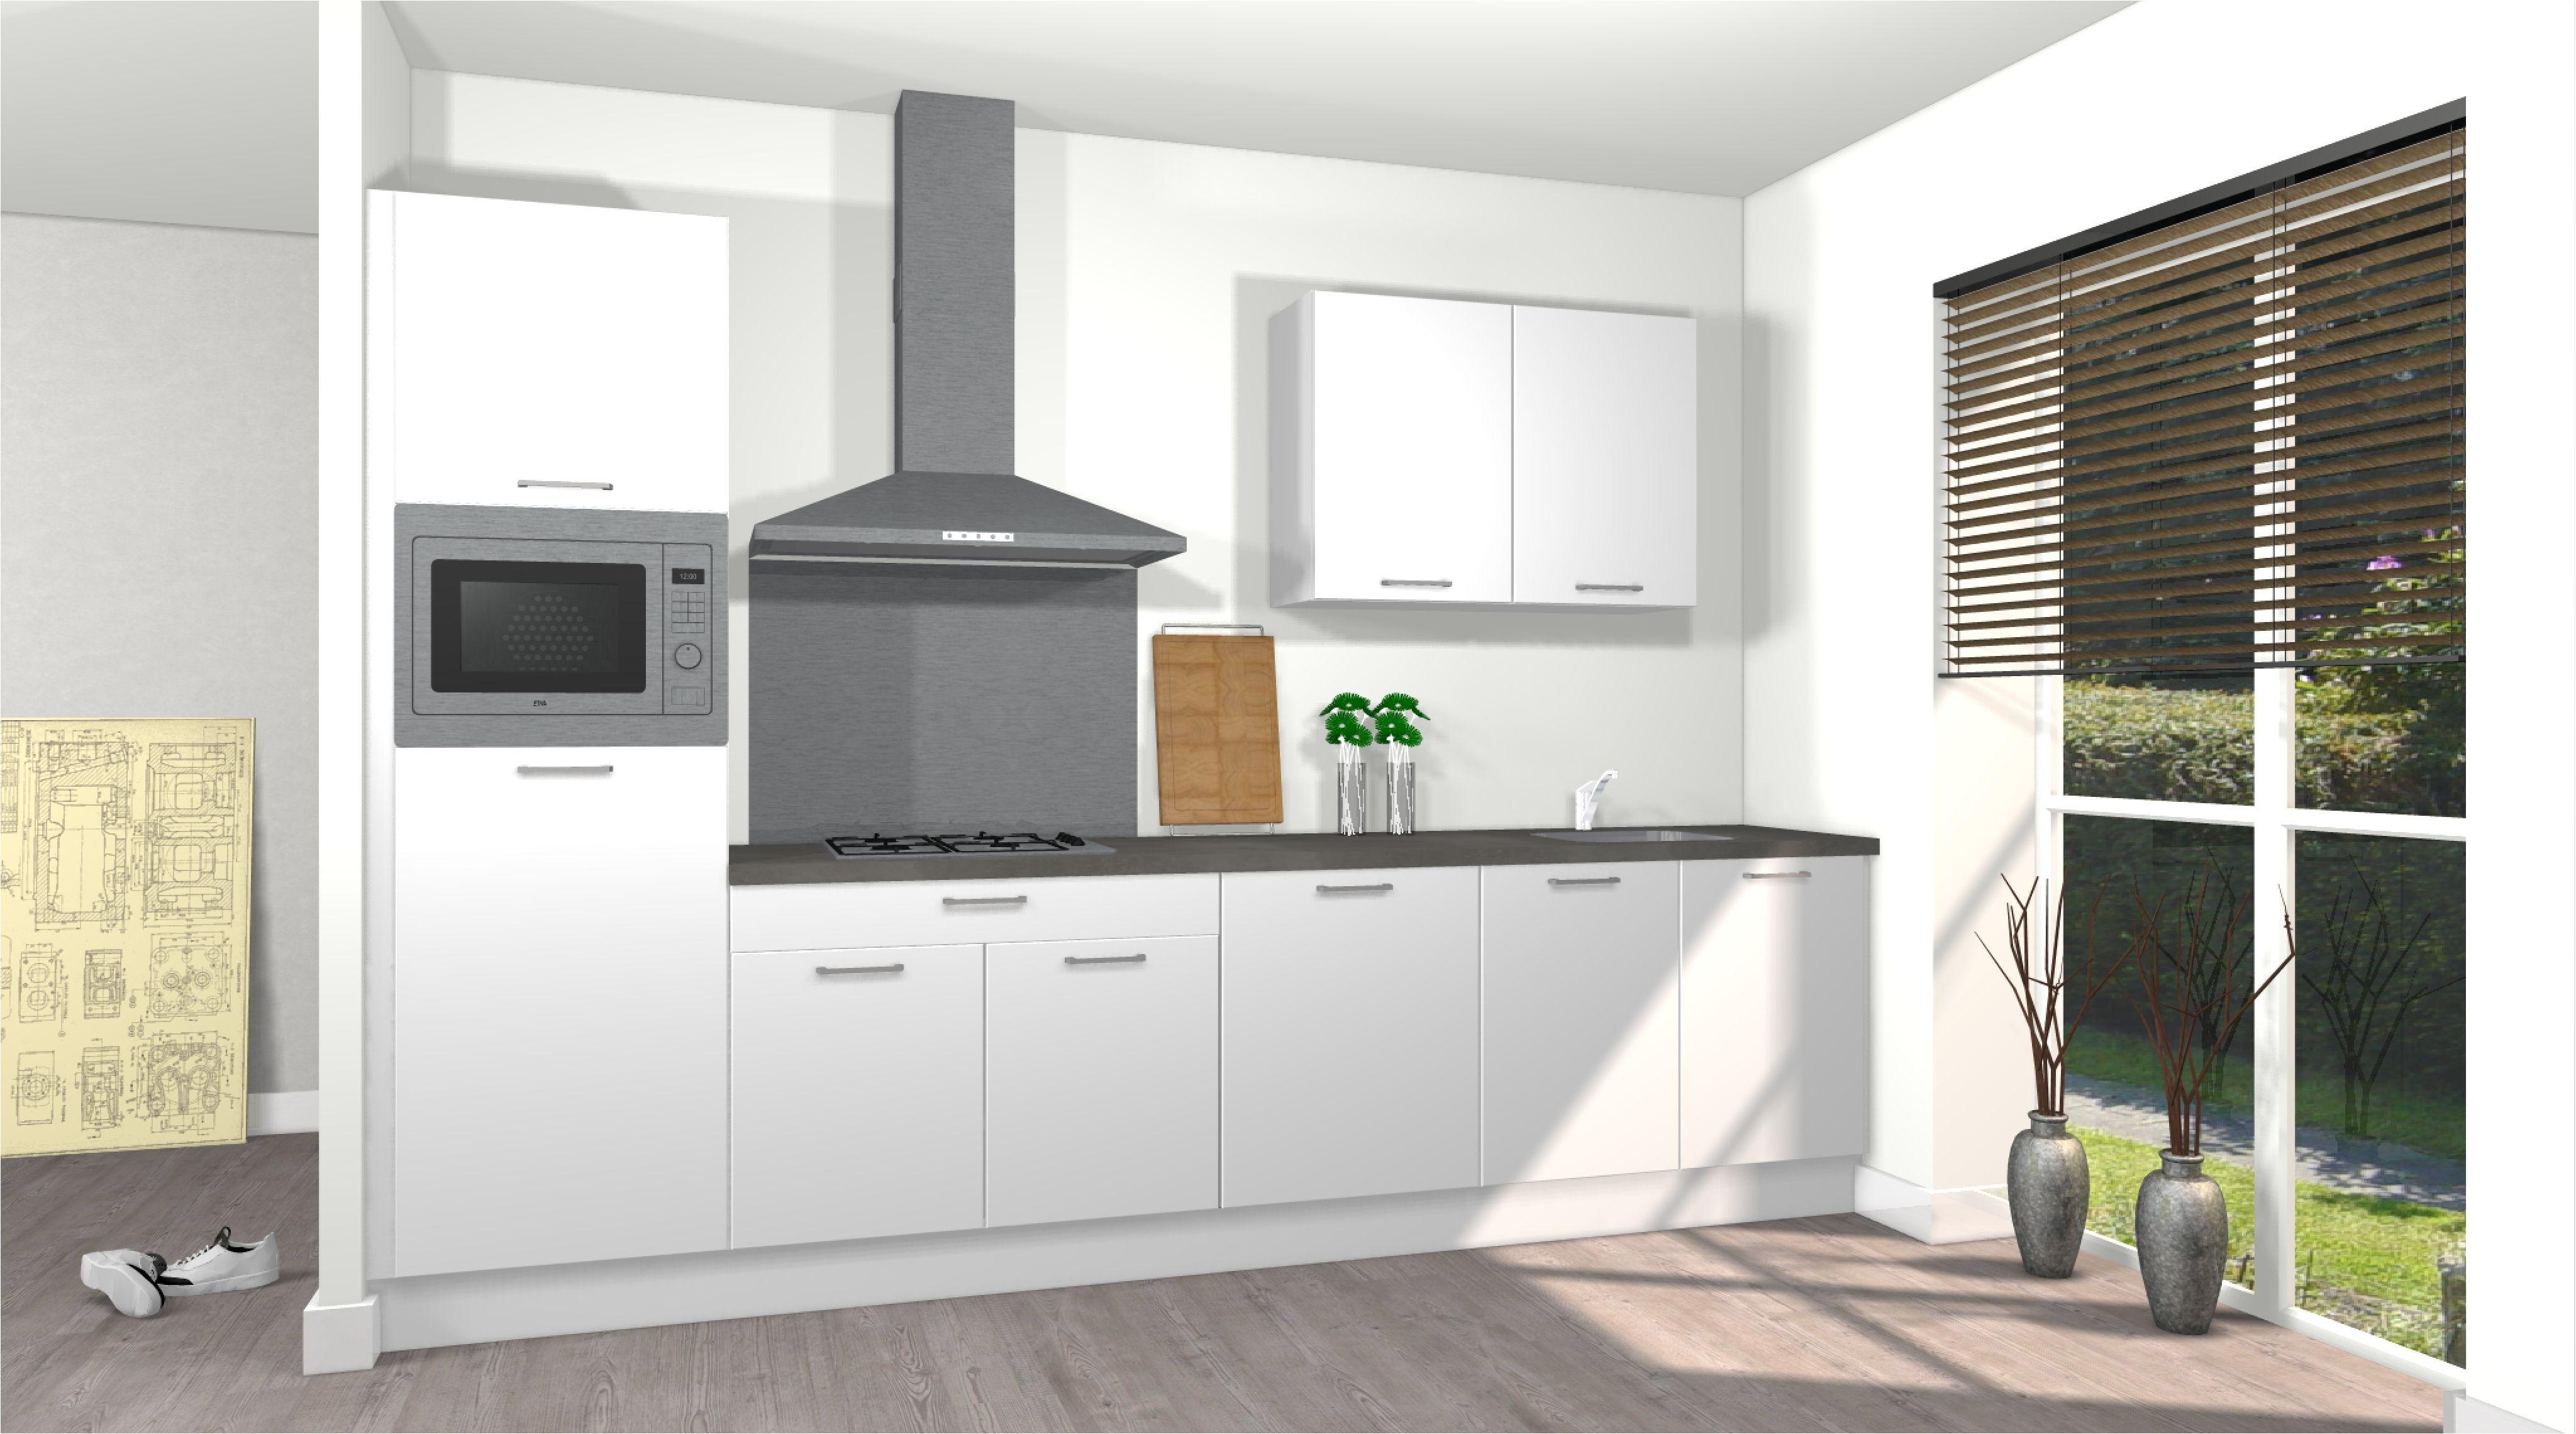 Comfort opstelling keuken van #voortman #keukens rechte opstelling